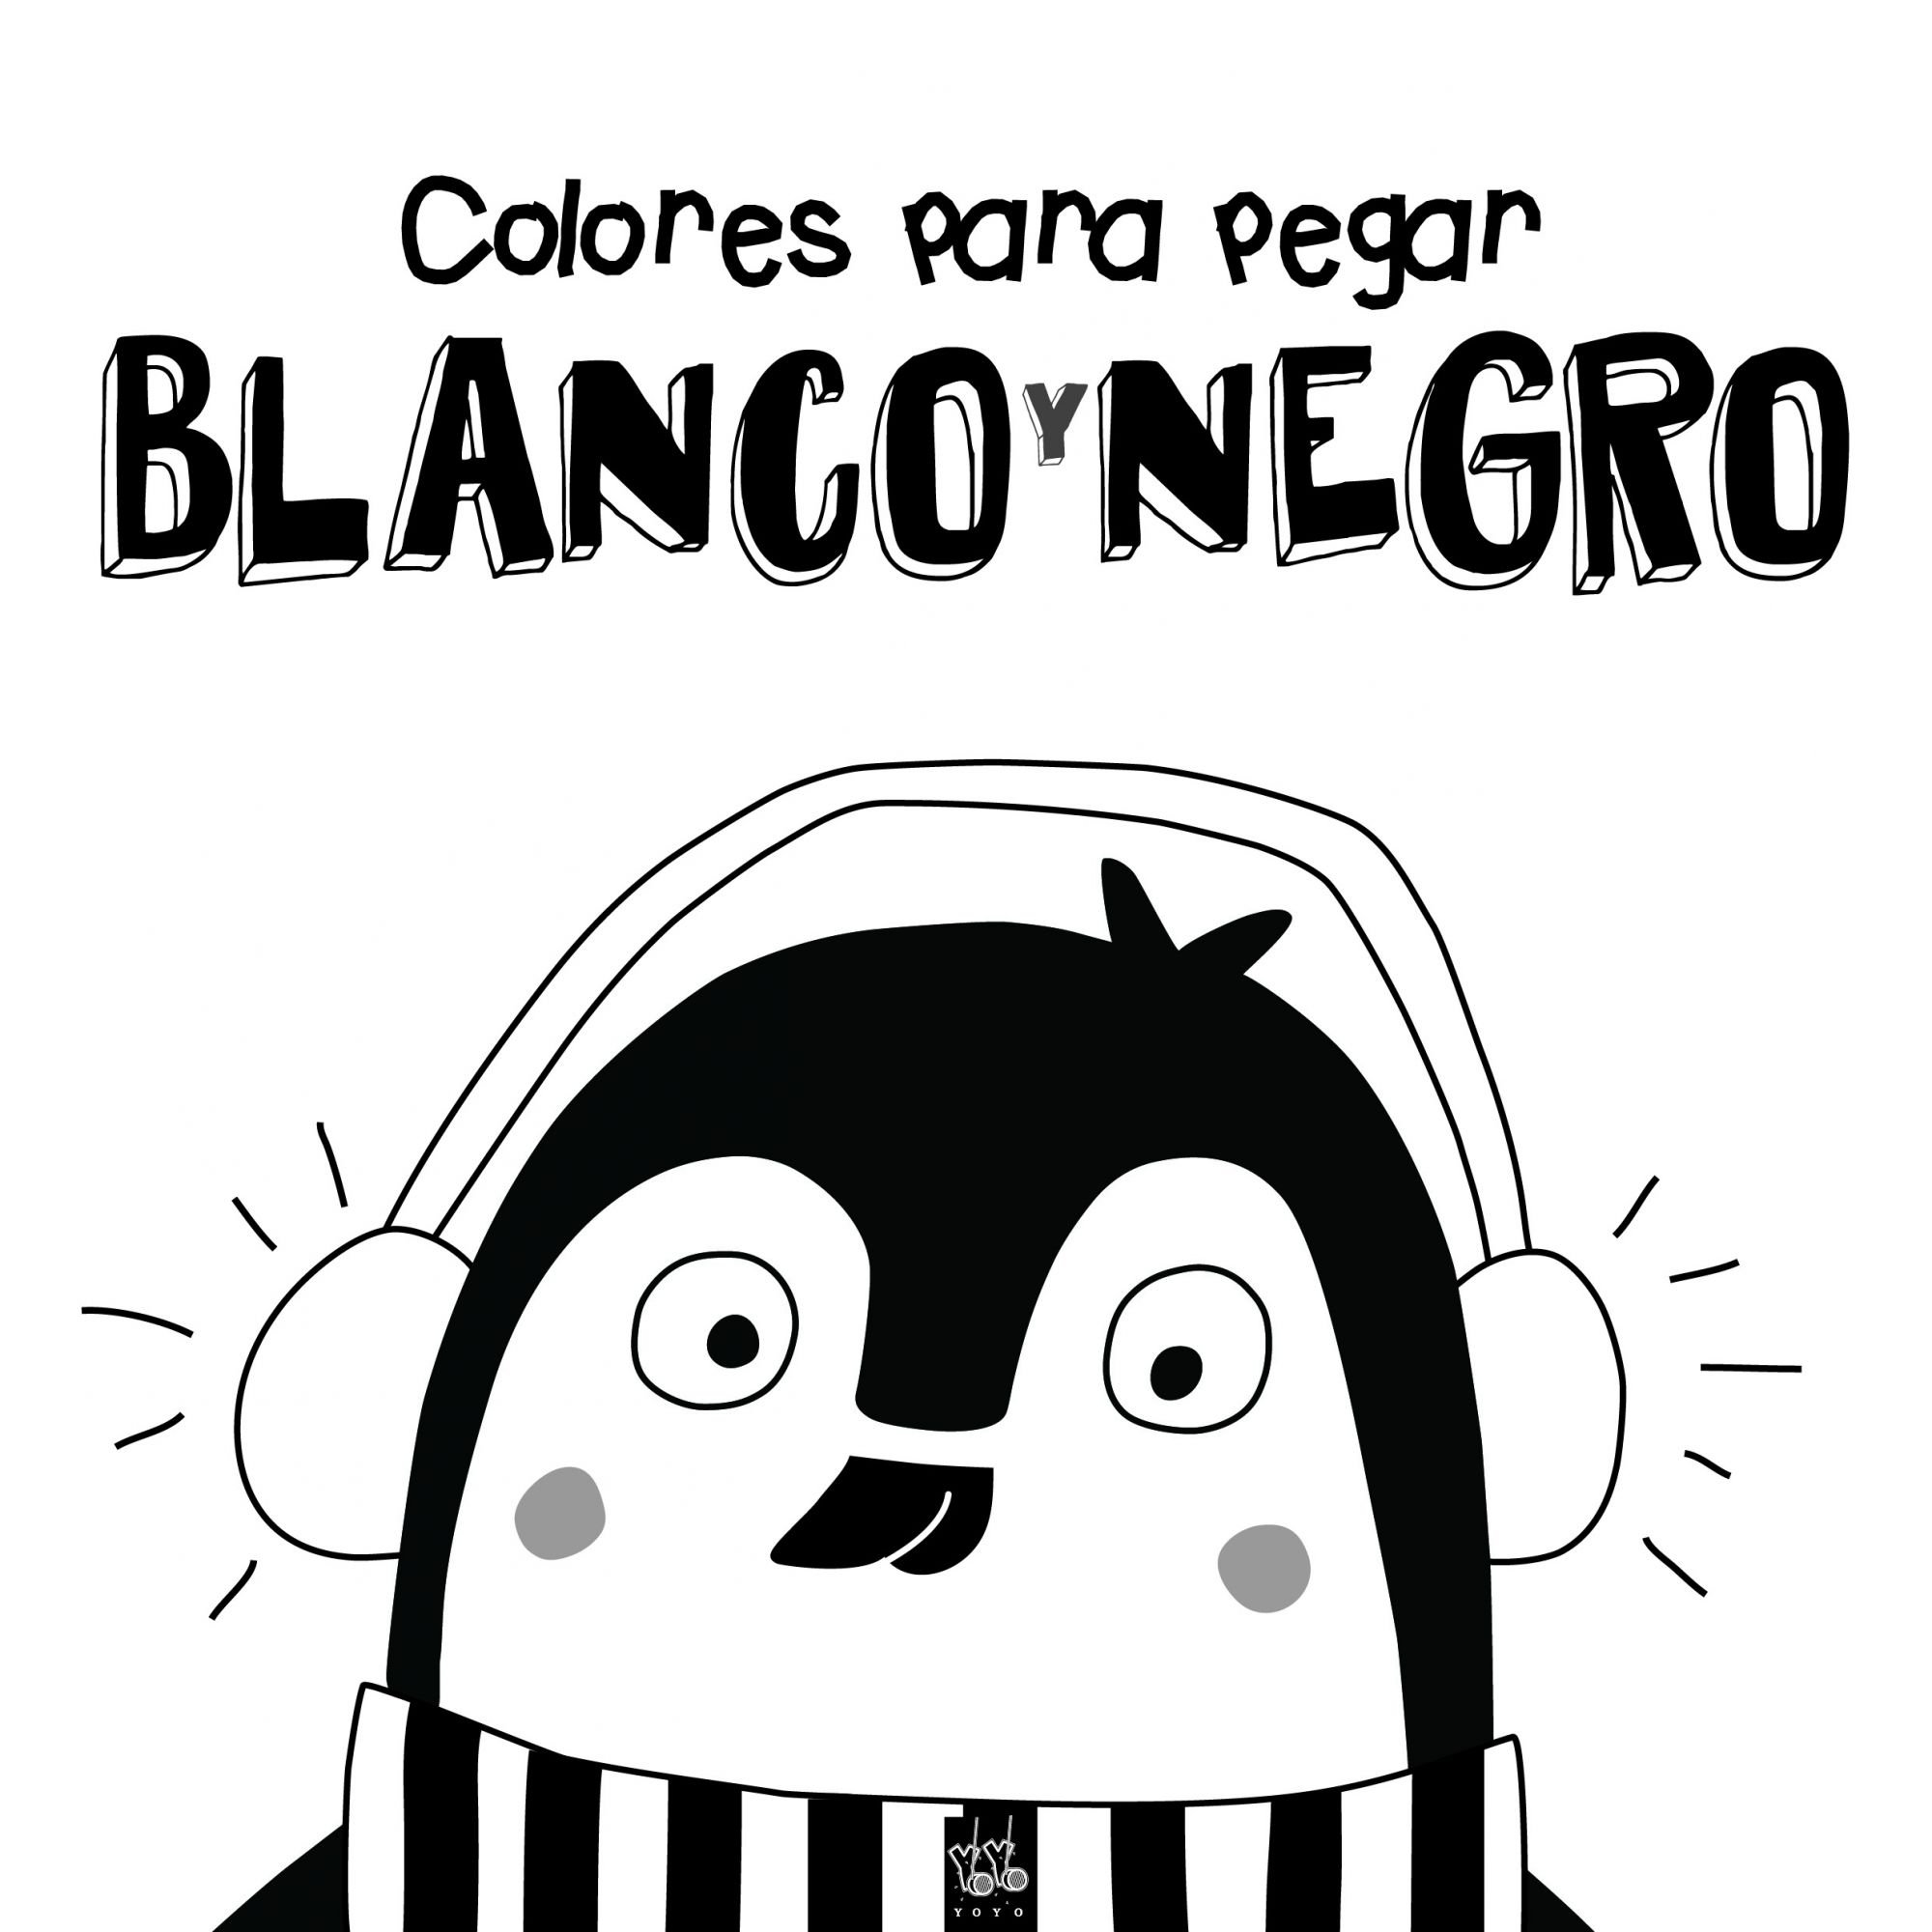 Colores para pegar. Blanco y negro